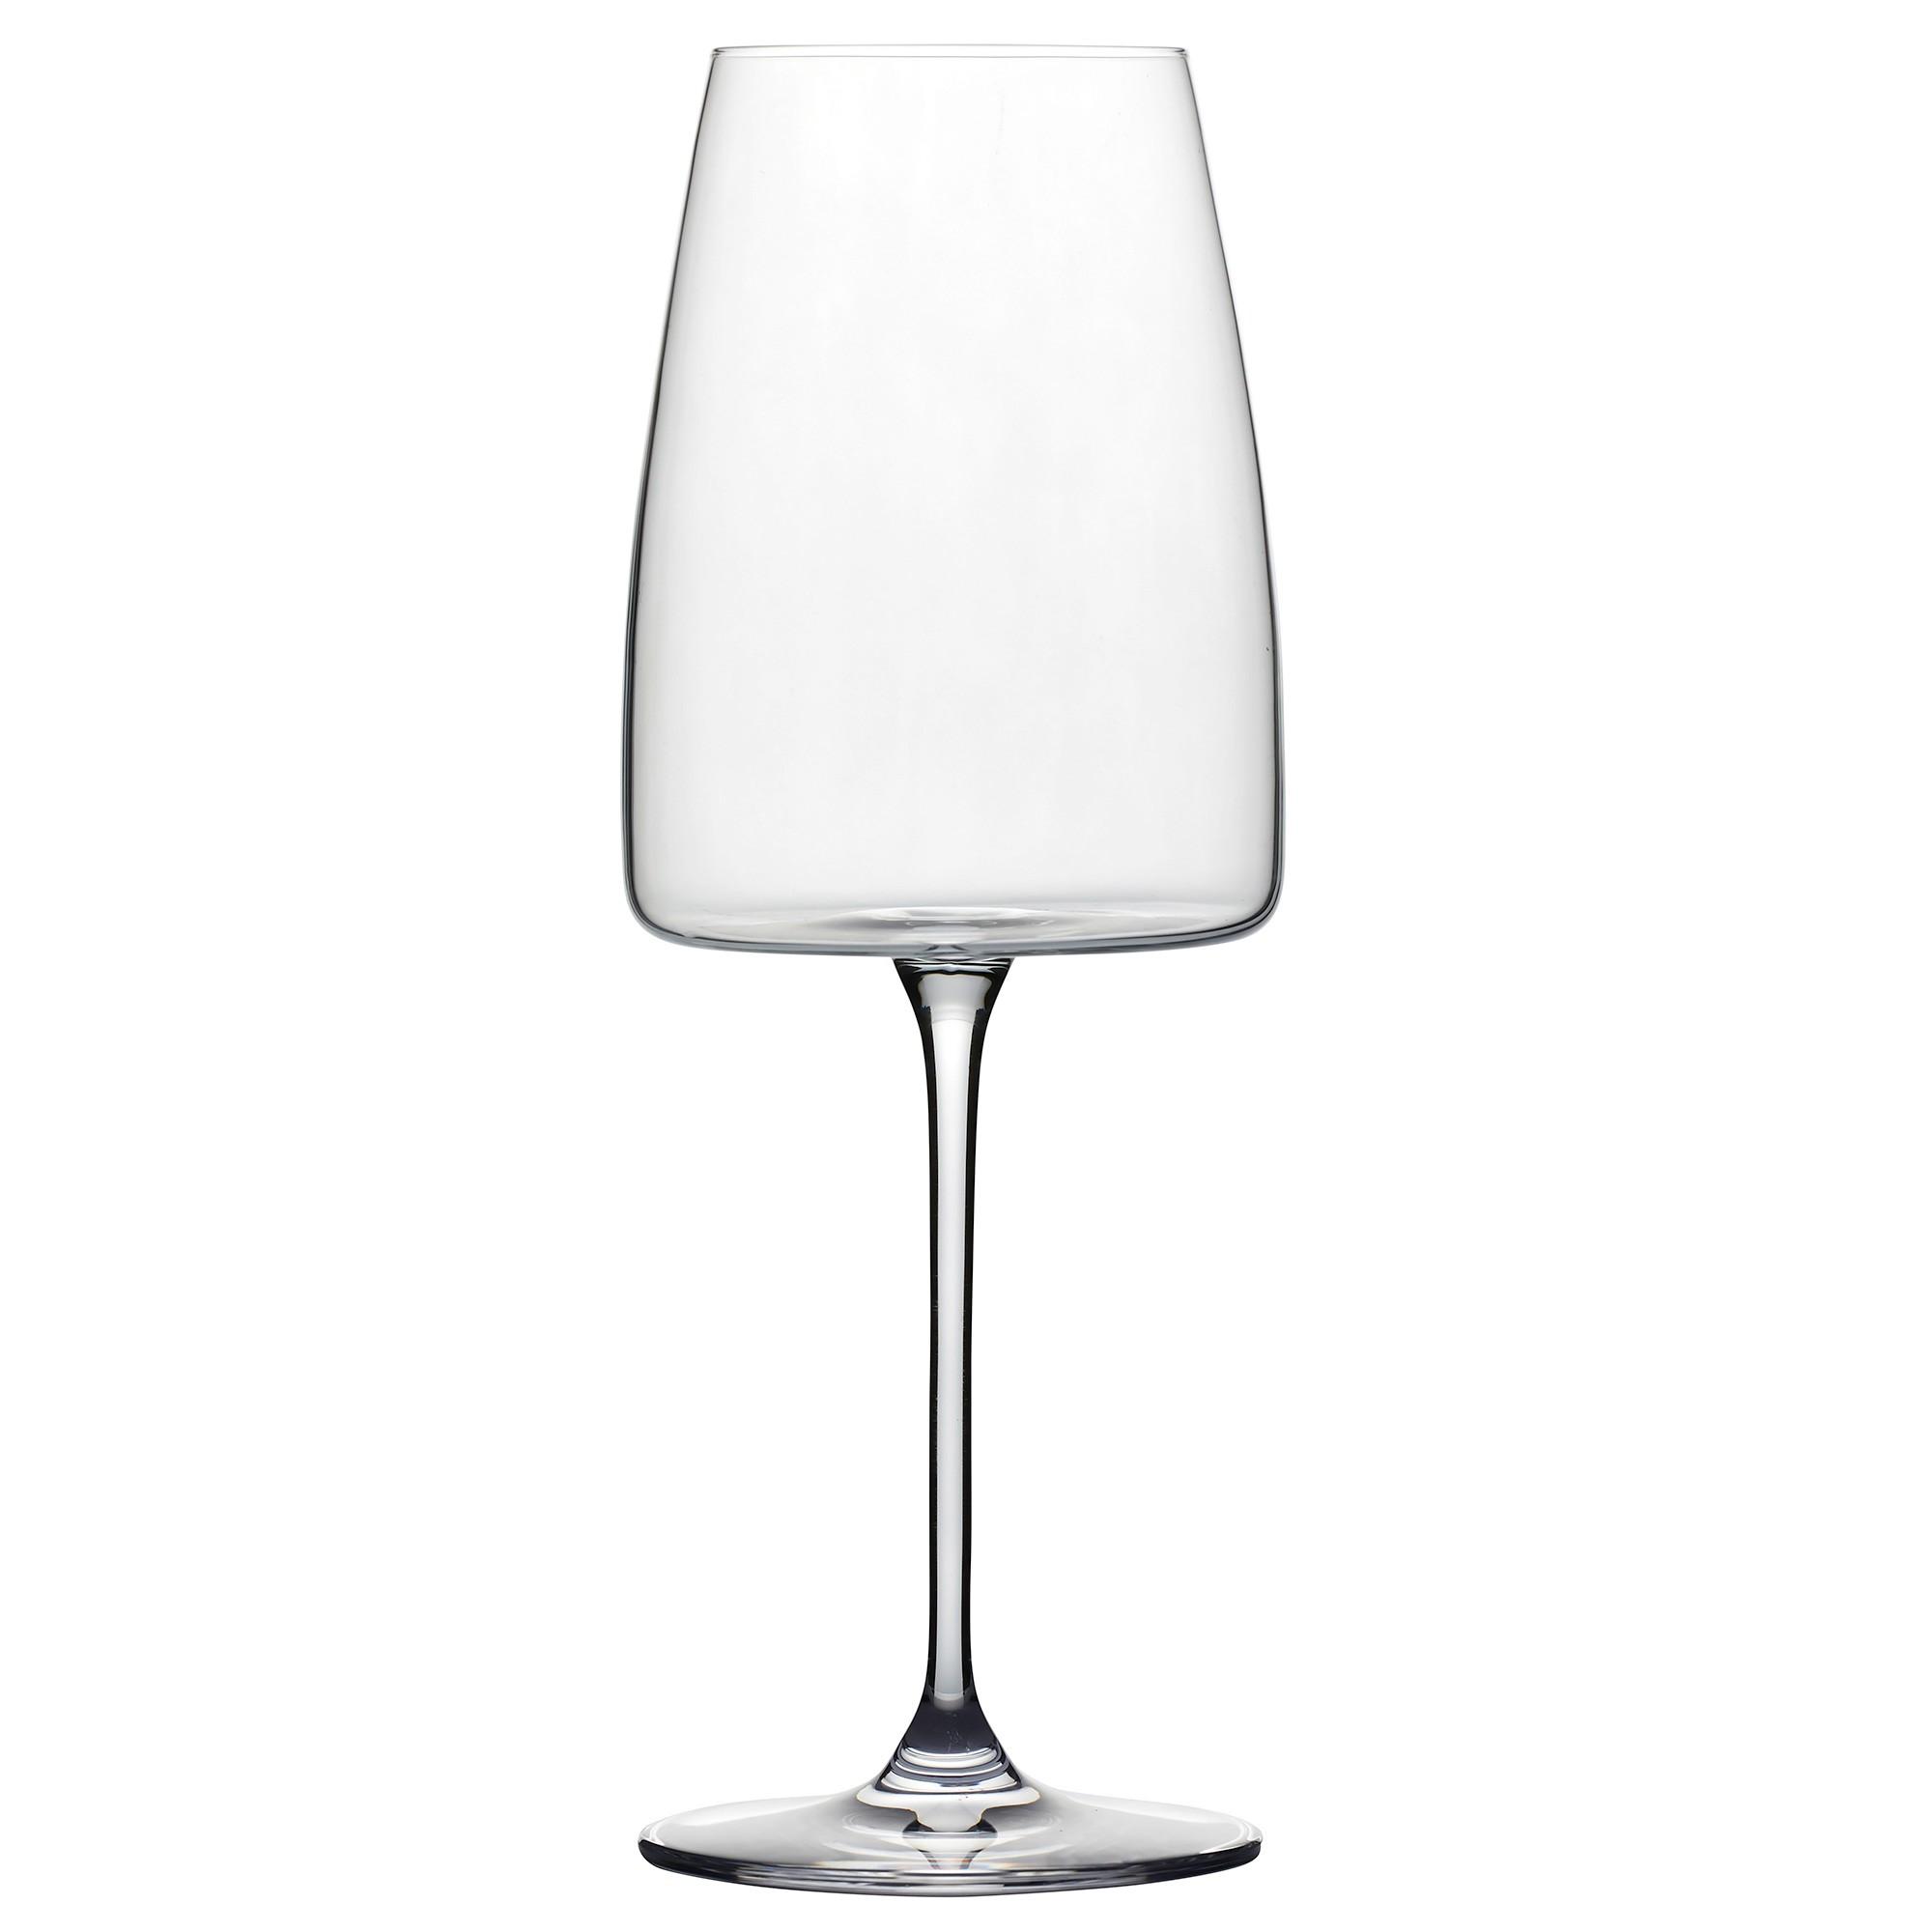 IVV Cortona White Wine Glass, Set of 6